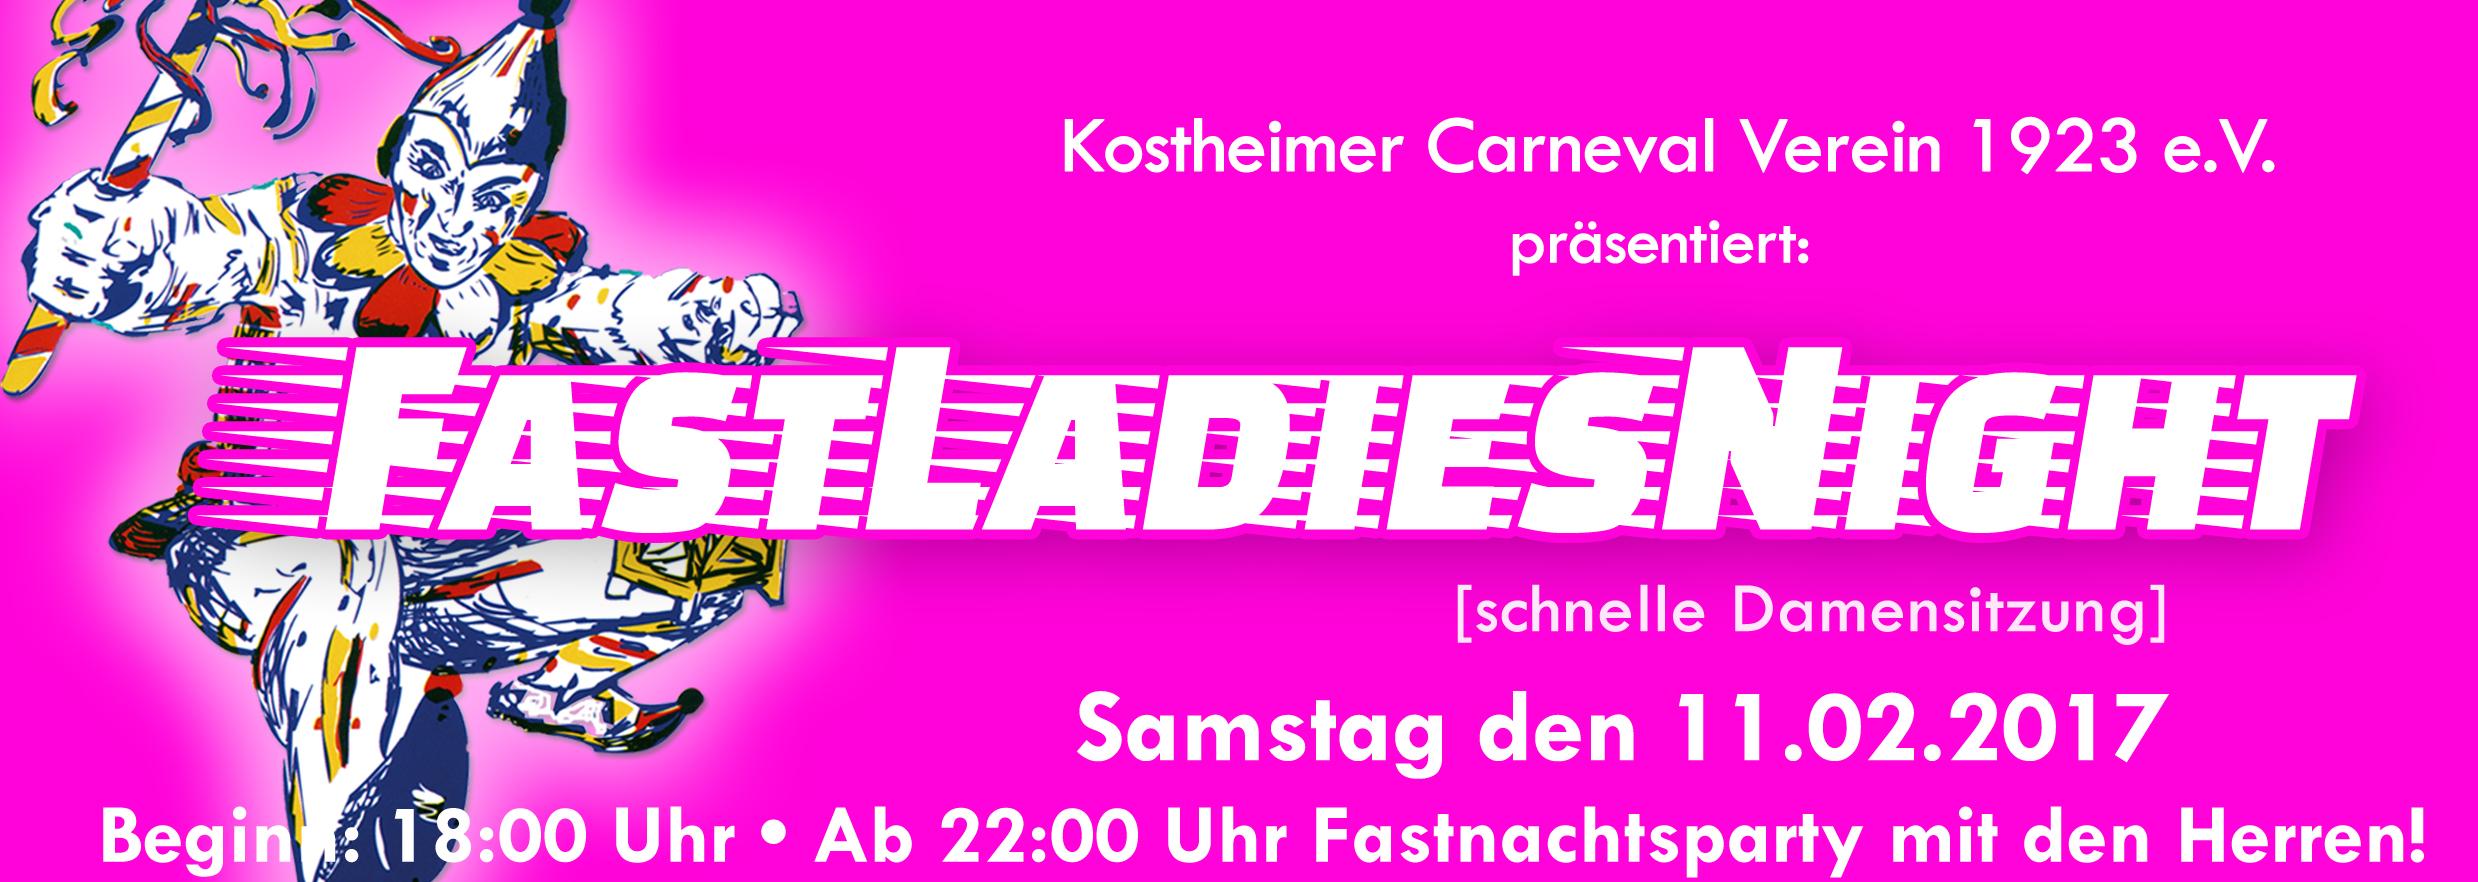 facebook-fastladiesnight-kcv-kostheim-banner-fuer-event